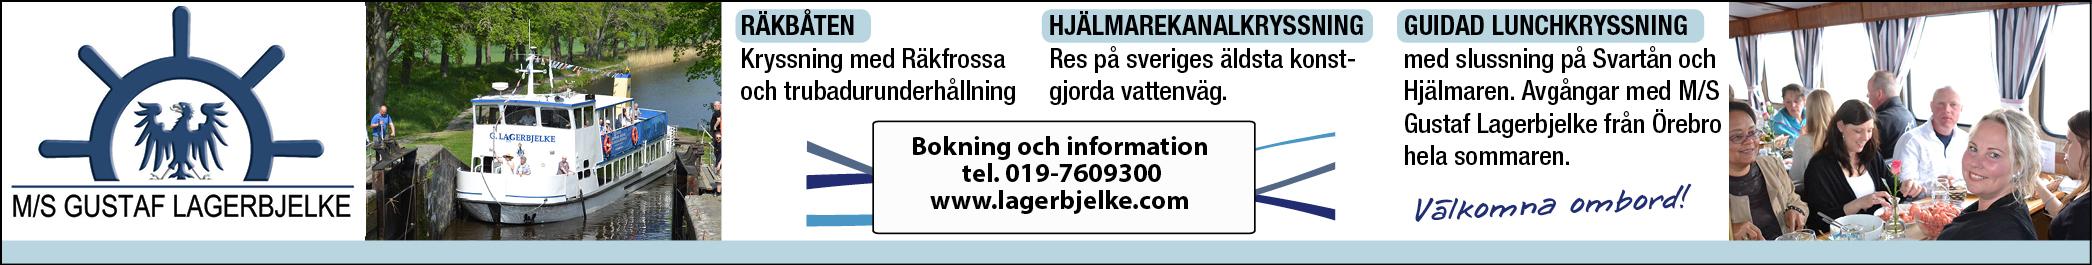 Rederiaktiebolaget Lagerbjelke